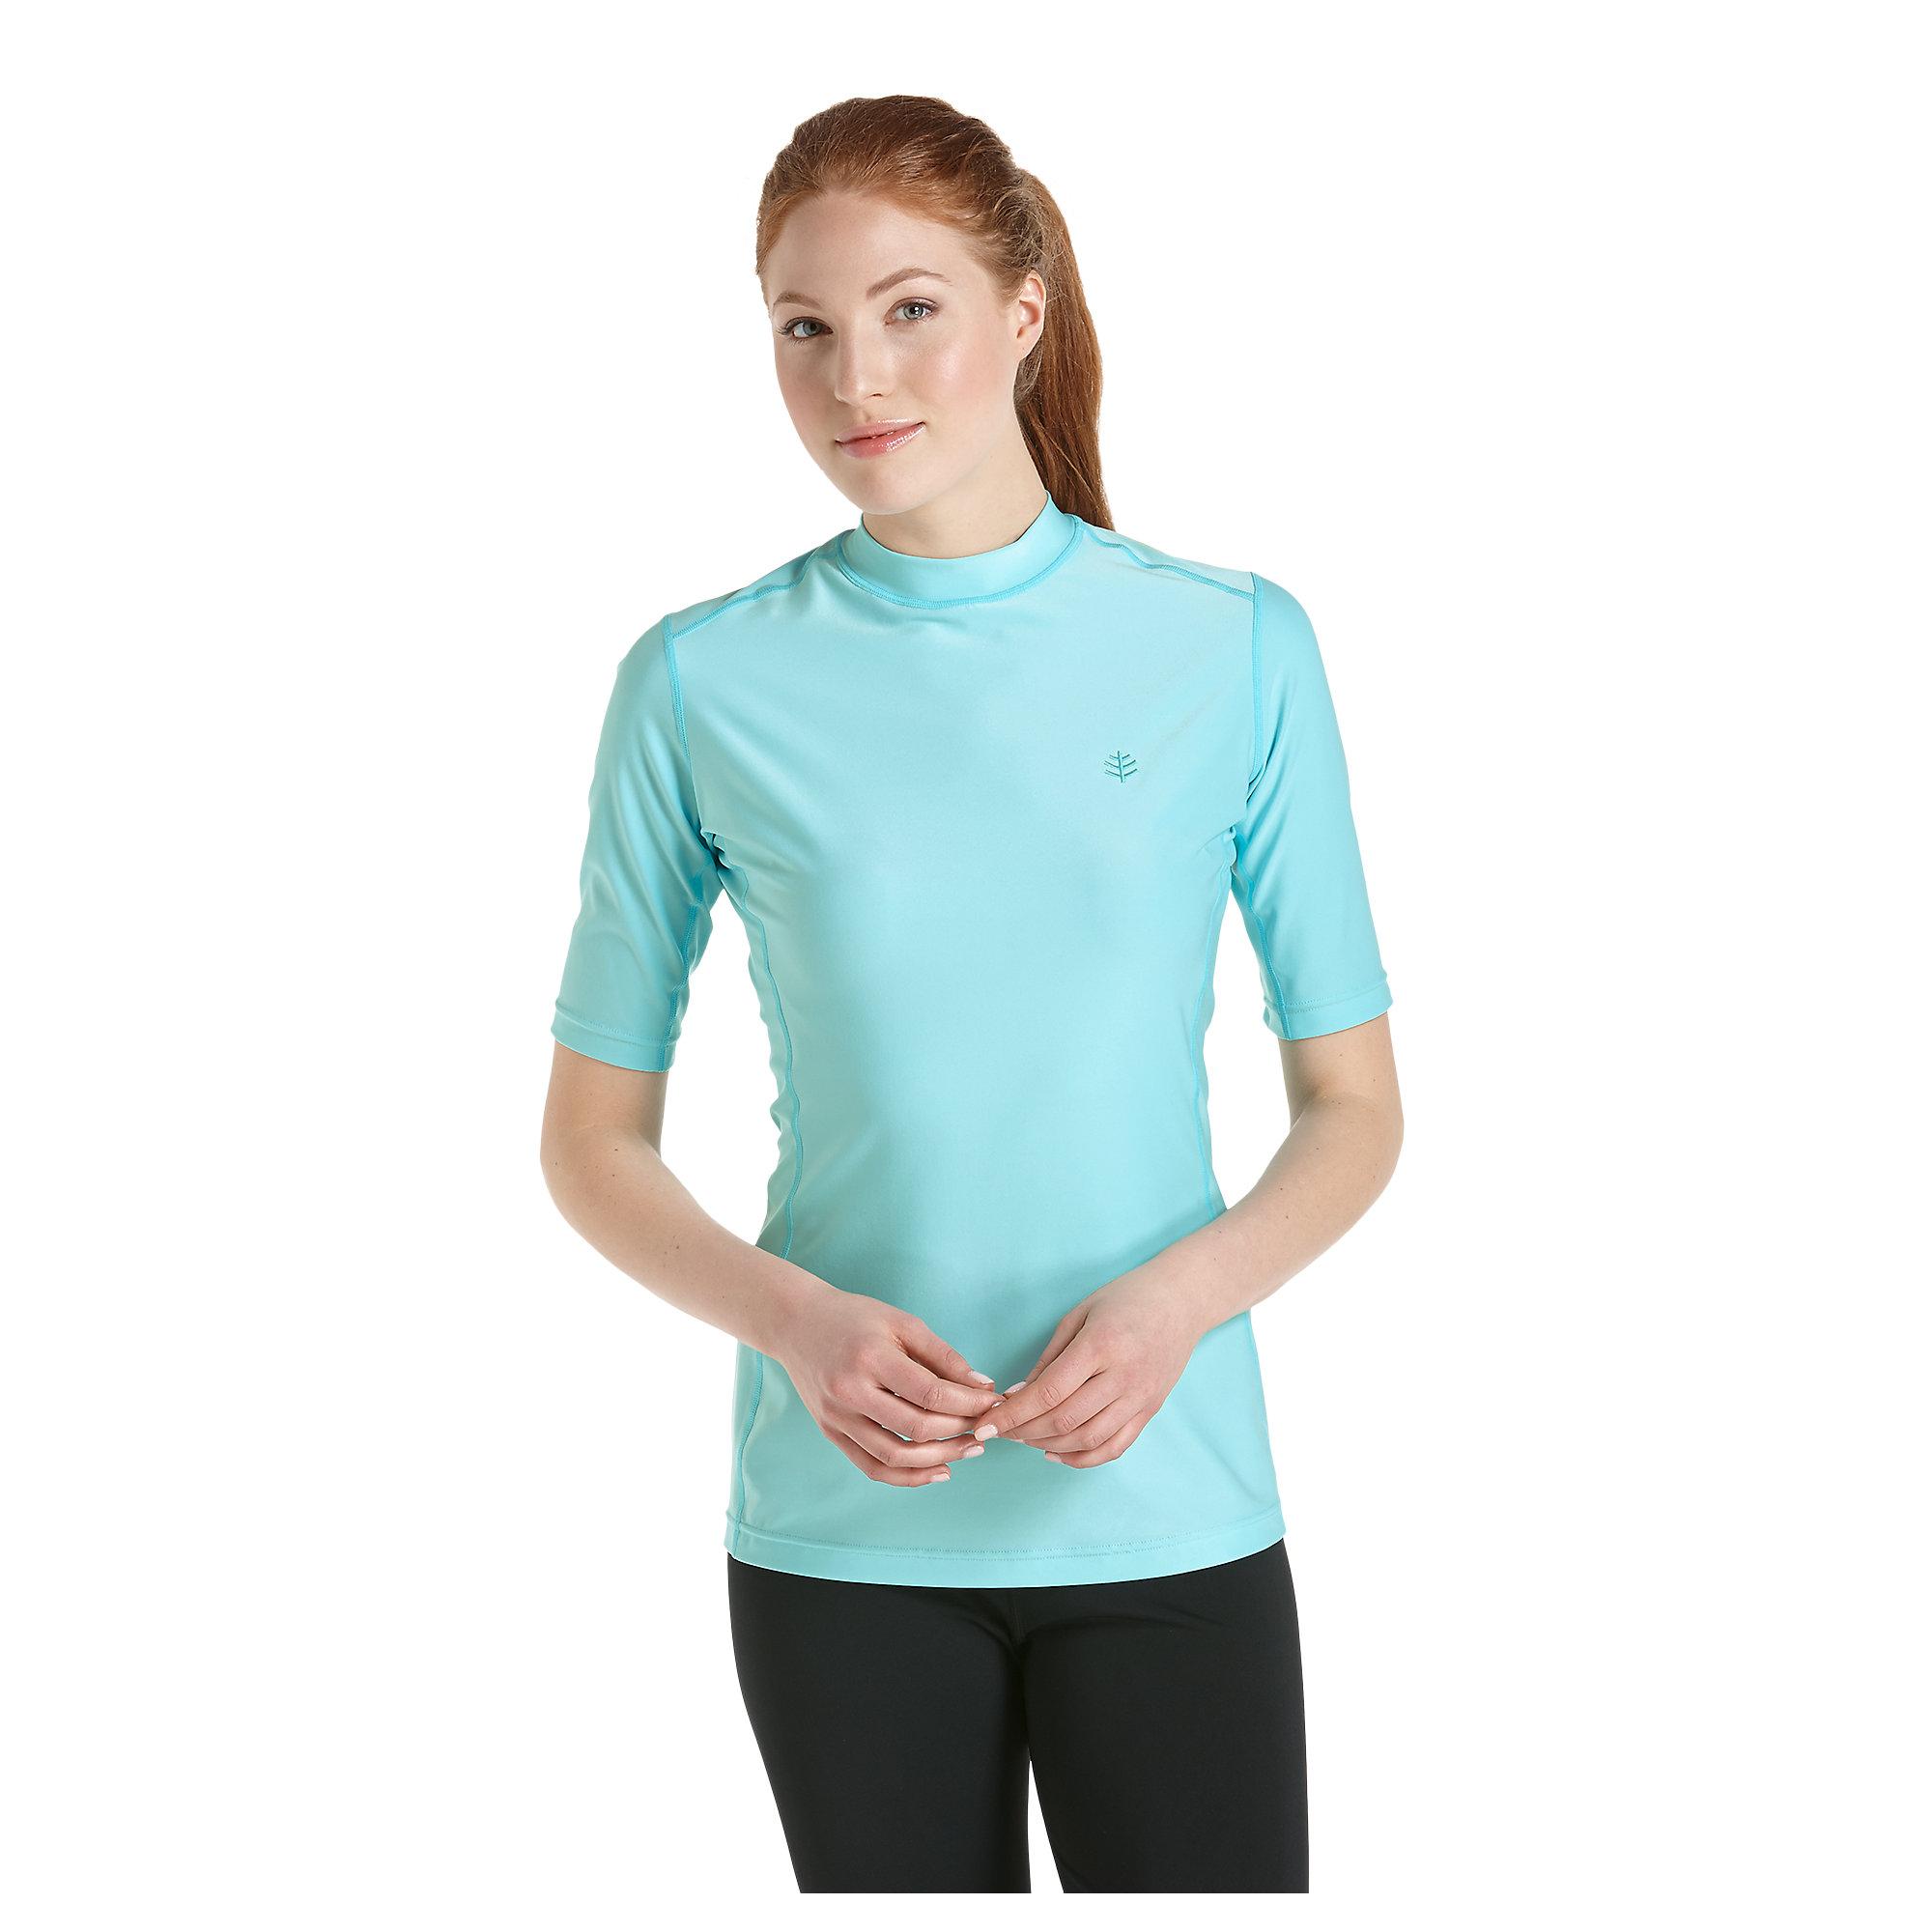 Coolibar upf 50 women 39 s short sleeve rash guard ebay for Womens rash guard shirts